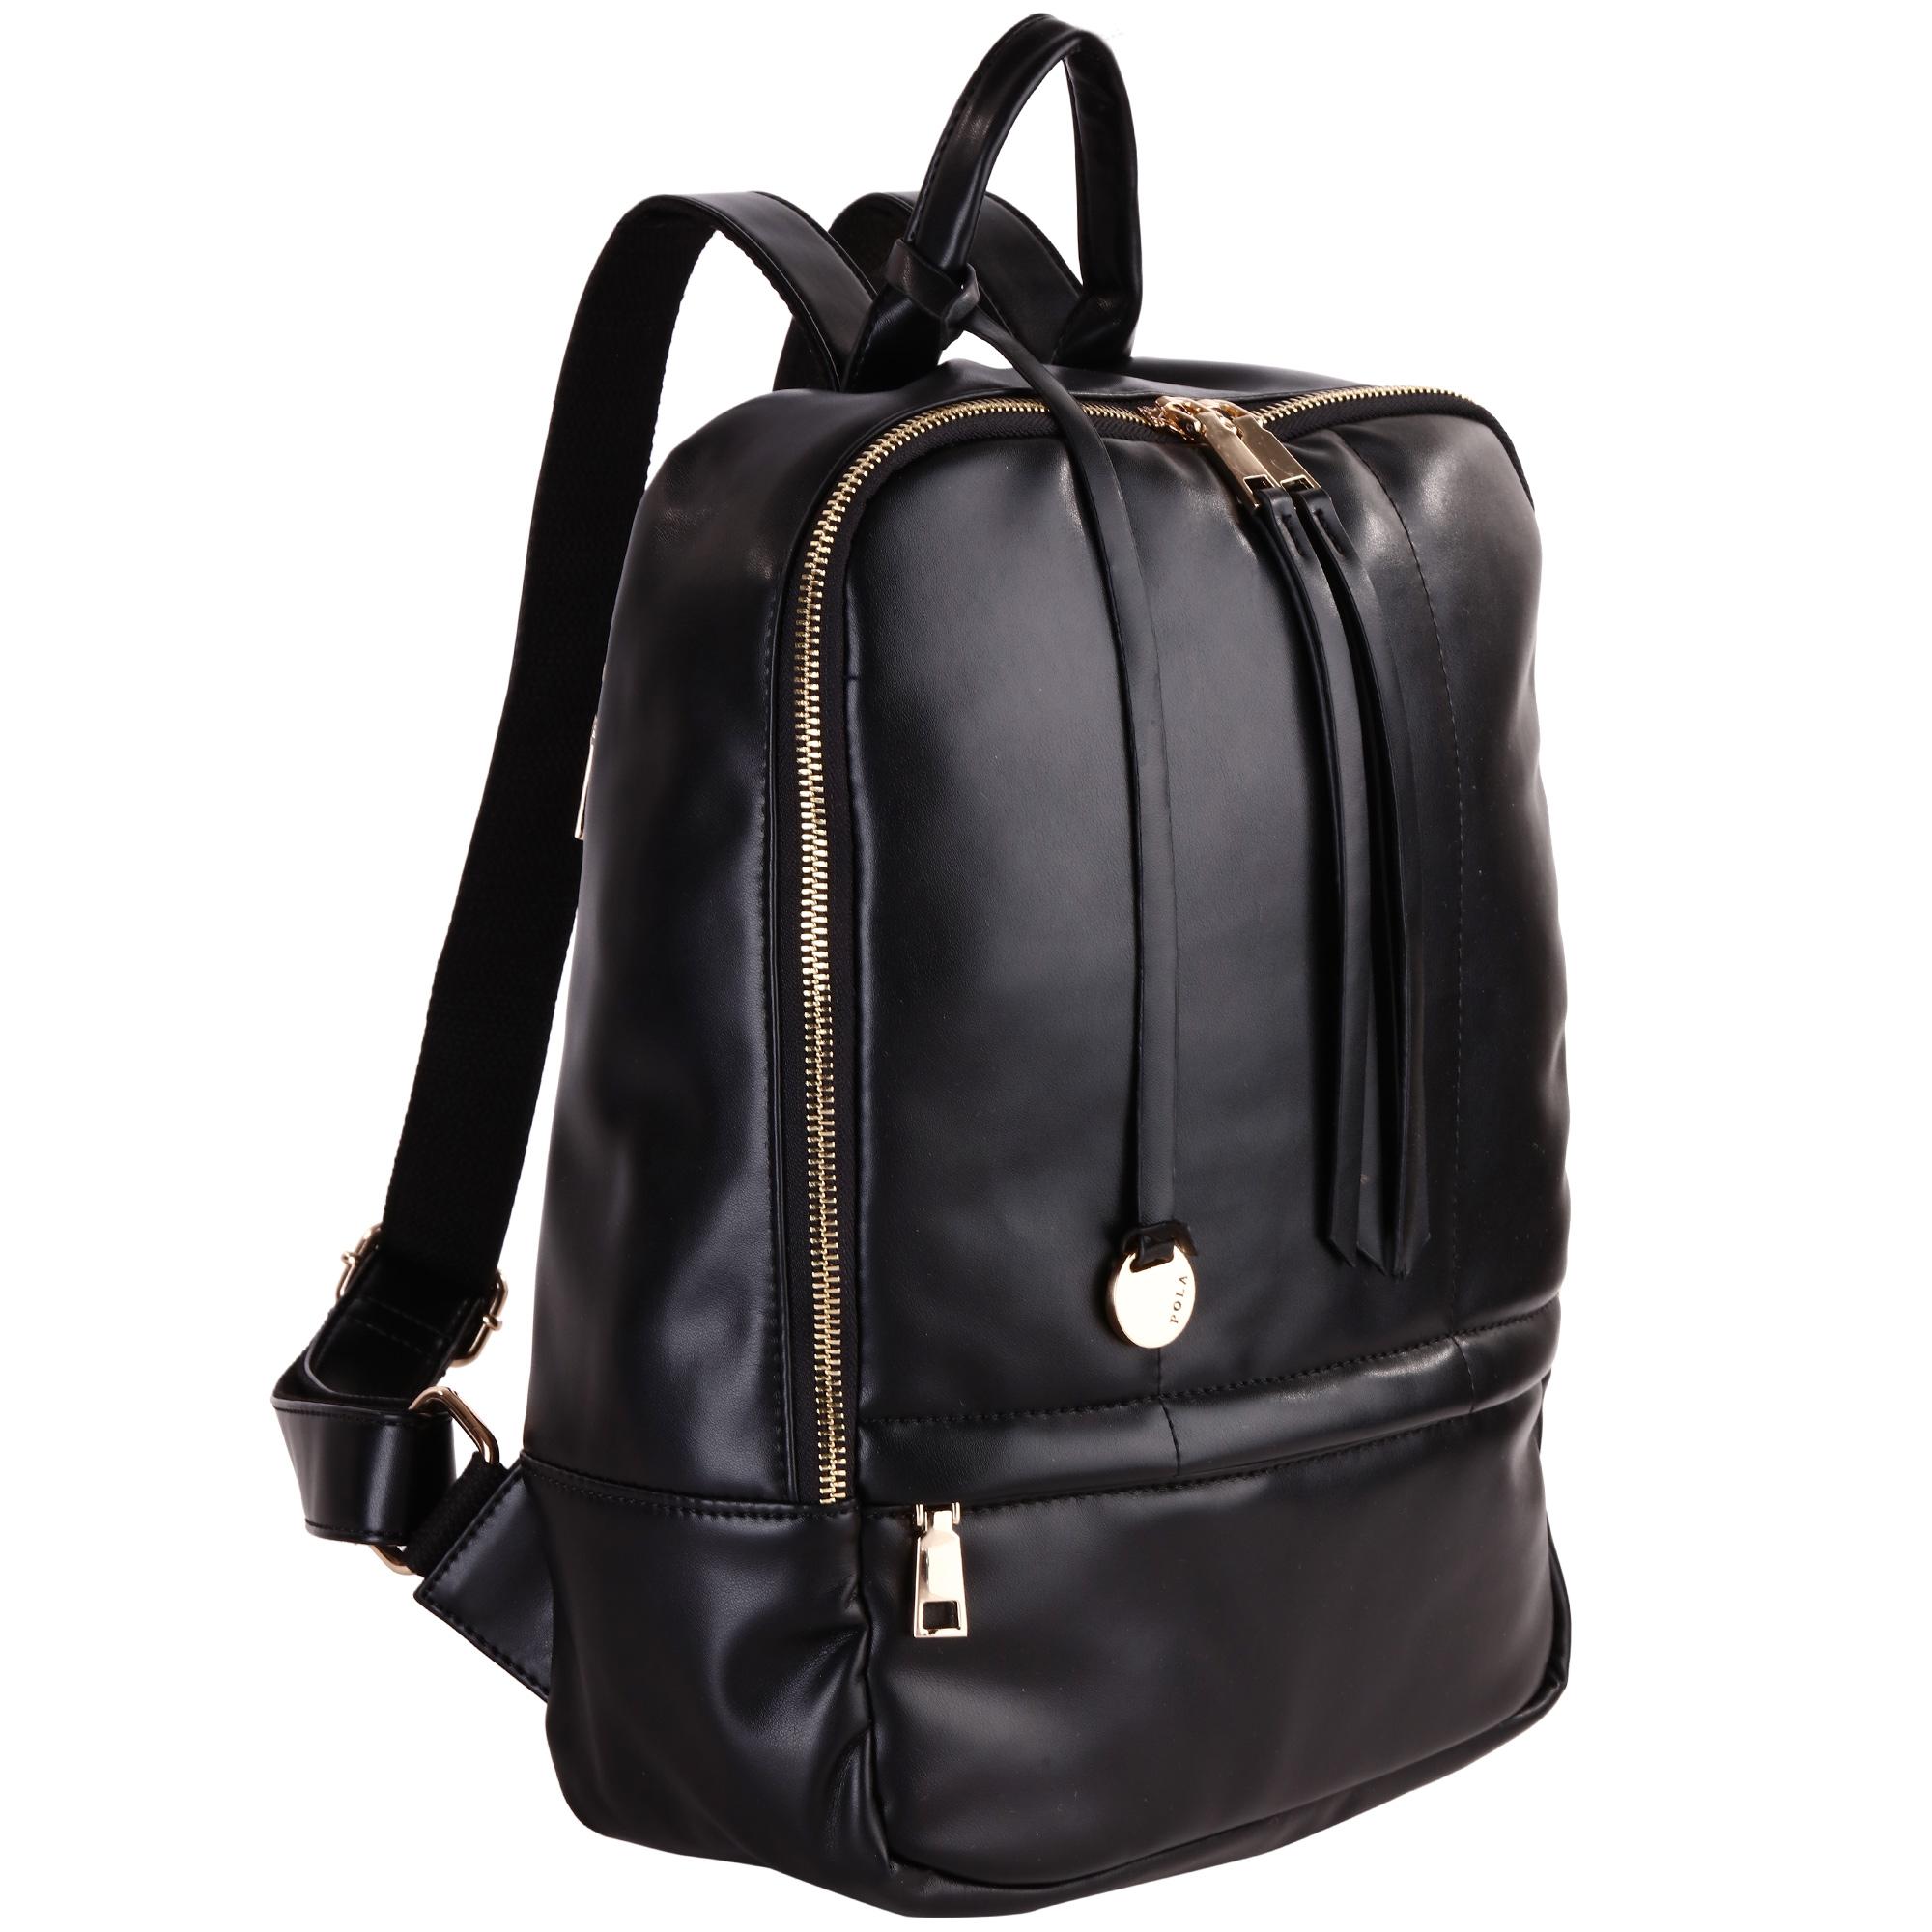 Рюкзак женский Pola, цвет: черный. 44124412Стильный женский рюкзак Pola - очень практичен в повседневном использовании. Основное отделение закрывается на металлическую молнию. Внутри - два кармана на молнии и два открытых кармашка. Снаружи – карман на молнии сзади и спереди рюкзака. Лямки регулируются по длине. Эта универсальная модель идеально подойдет как для путешествий, так и для учебы или работы, а так же позволит Вам взять с собой все самое необходимое.